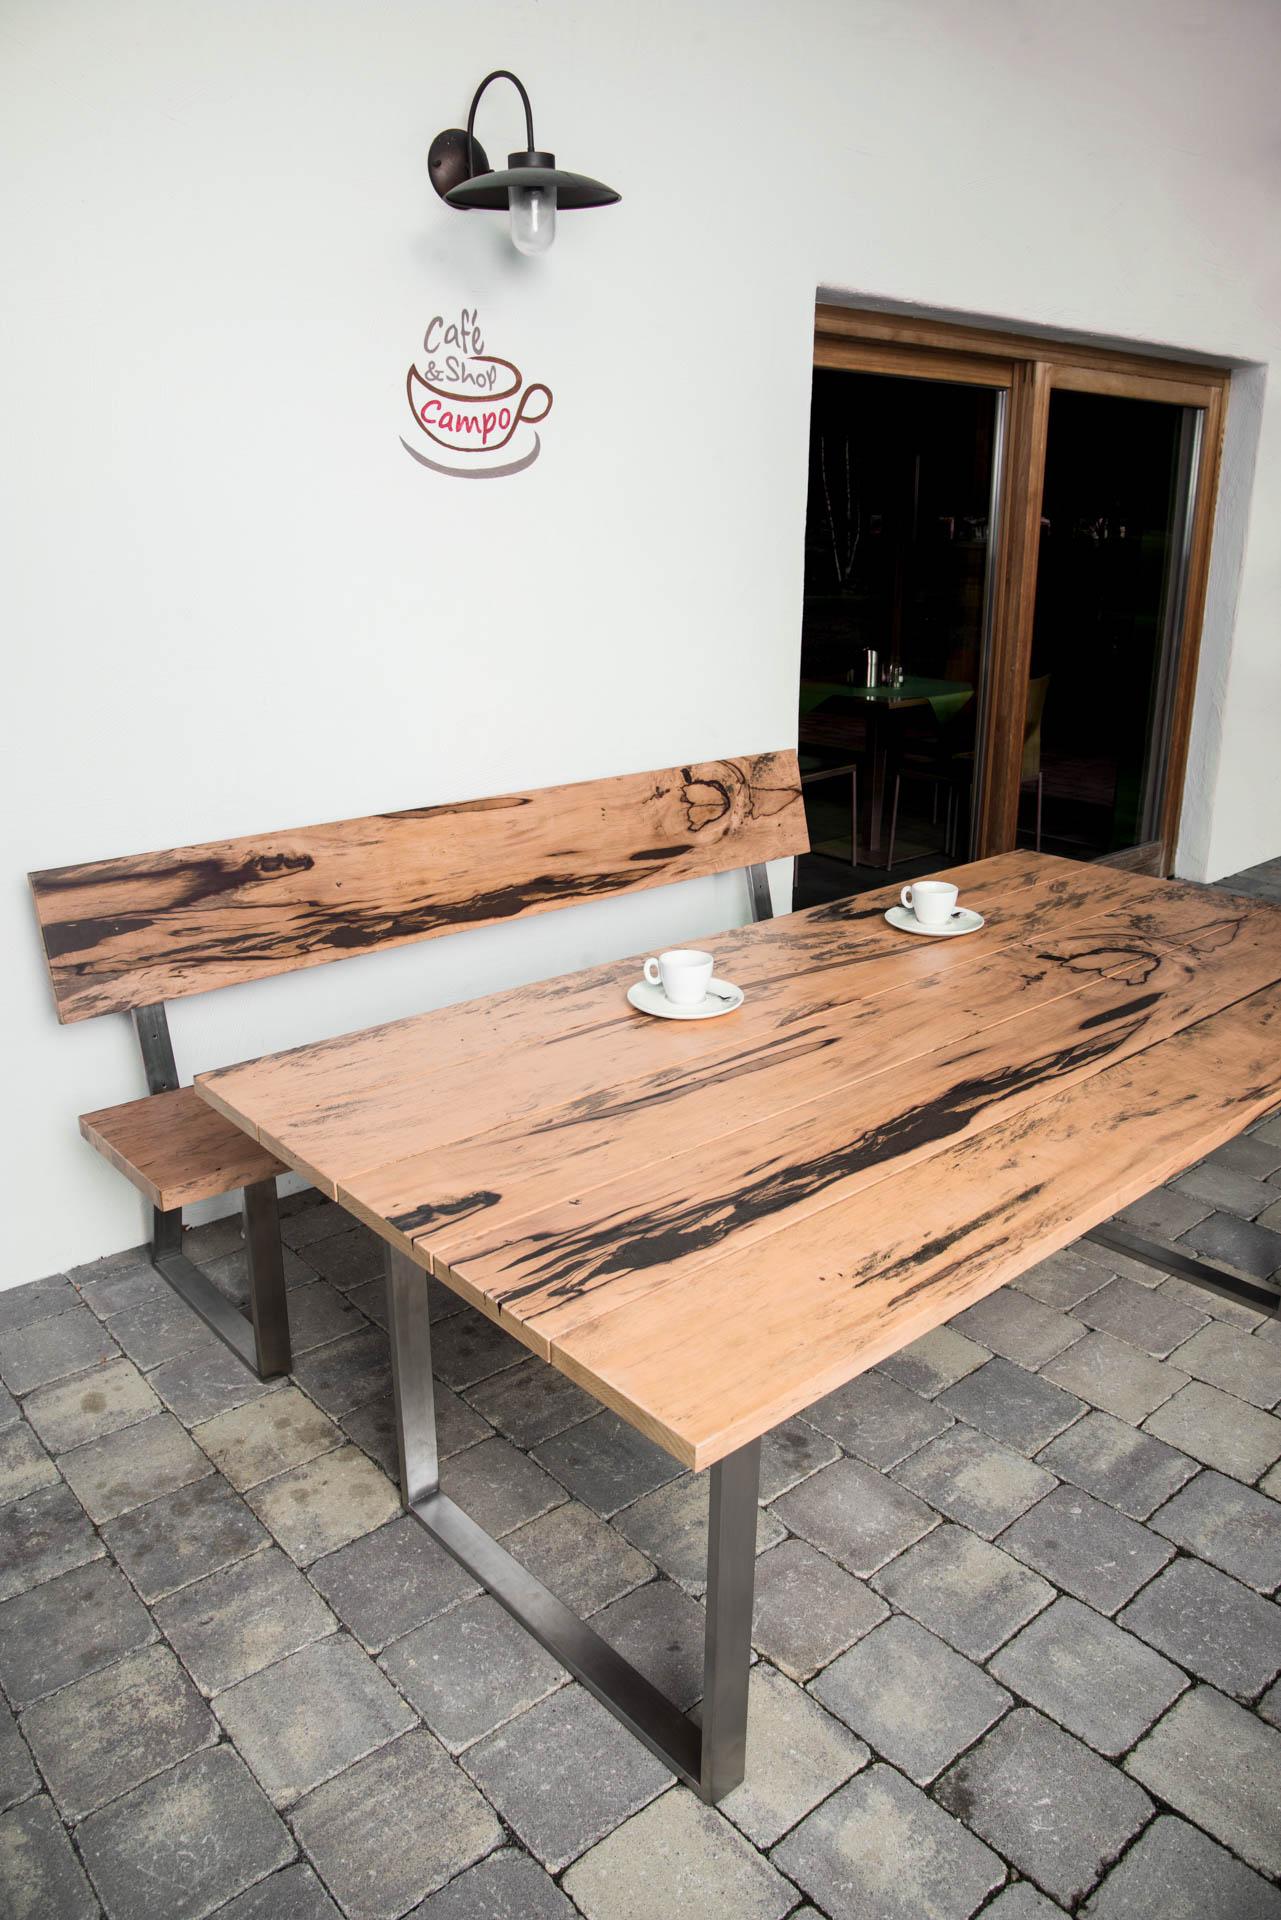 gartentisch aus altholz edelholz und obstholz f r terrasse. Black Bedroom Furniture Sets. Home Design Ideas